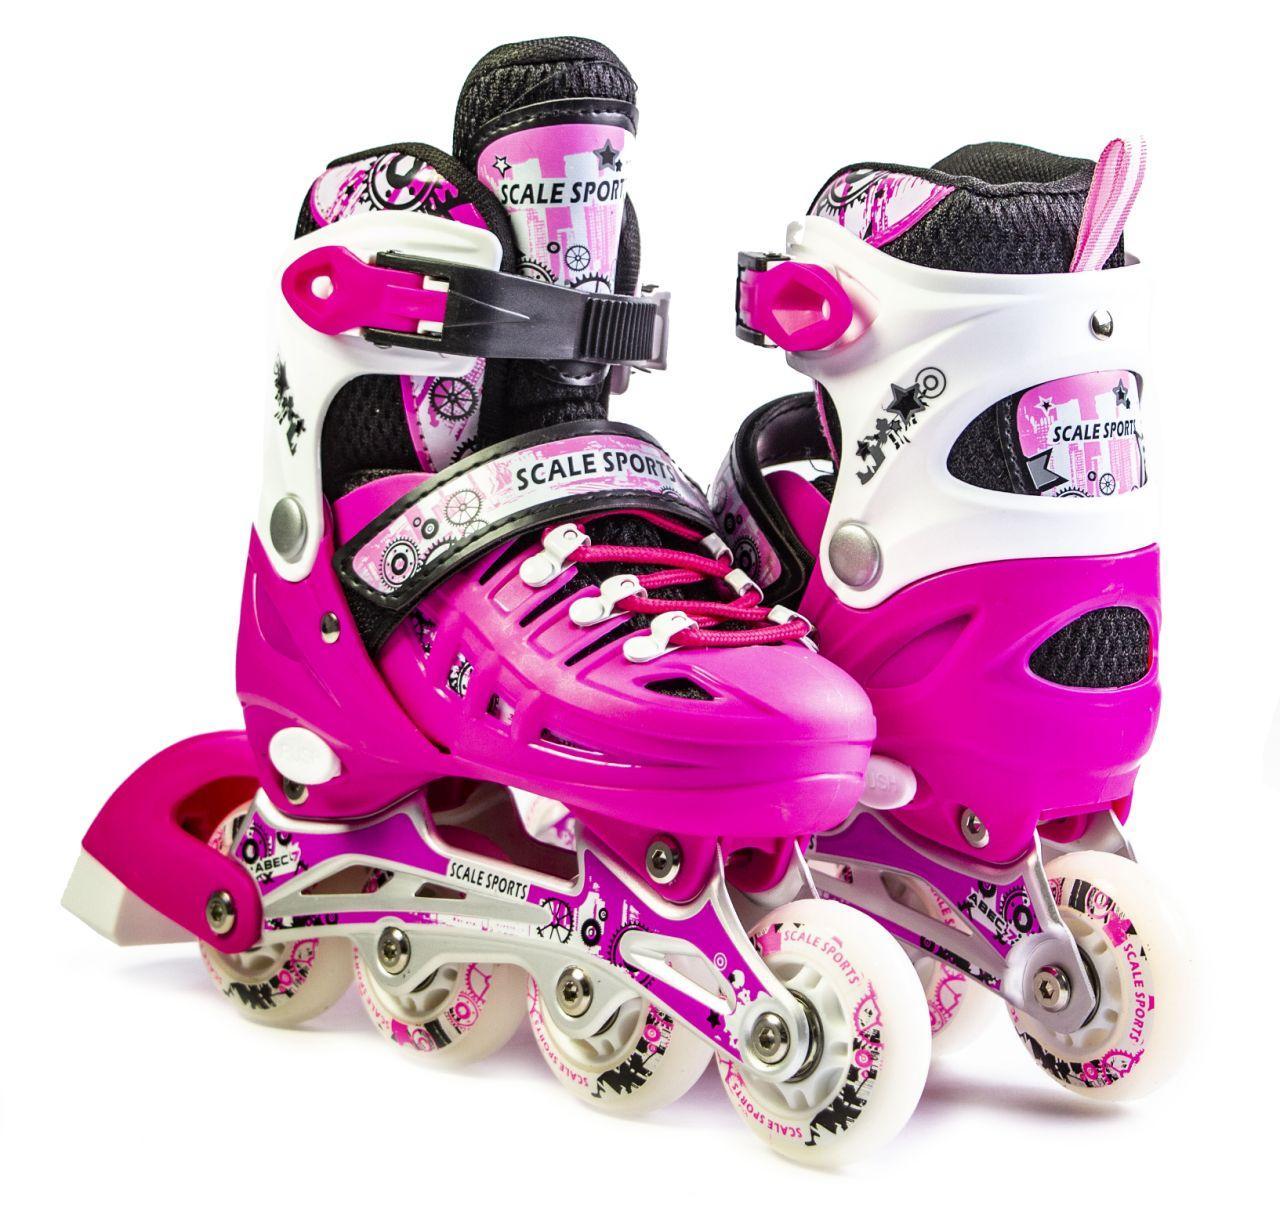 Раздвижные ролики 29-33 Scale Sports Pink с подсветкой переднего колеса